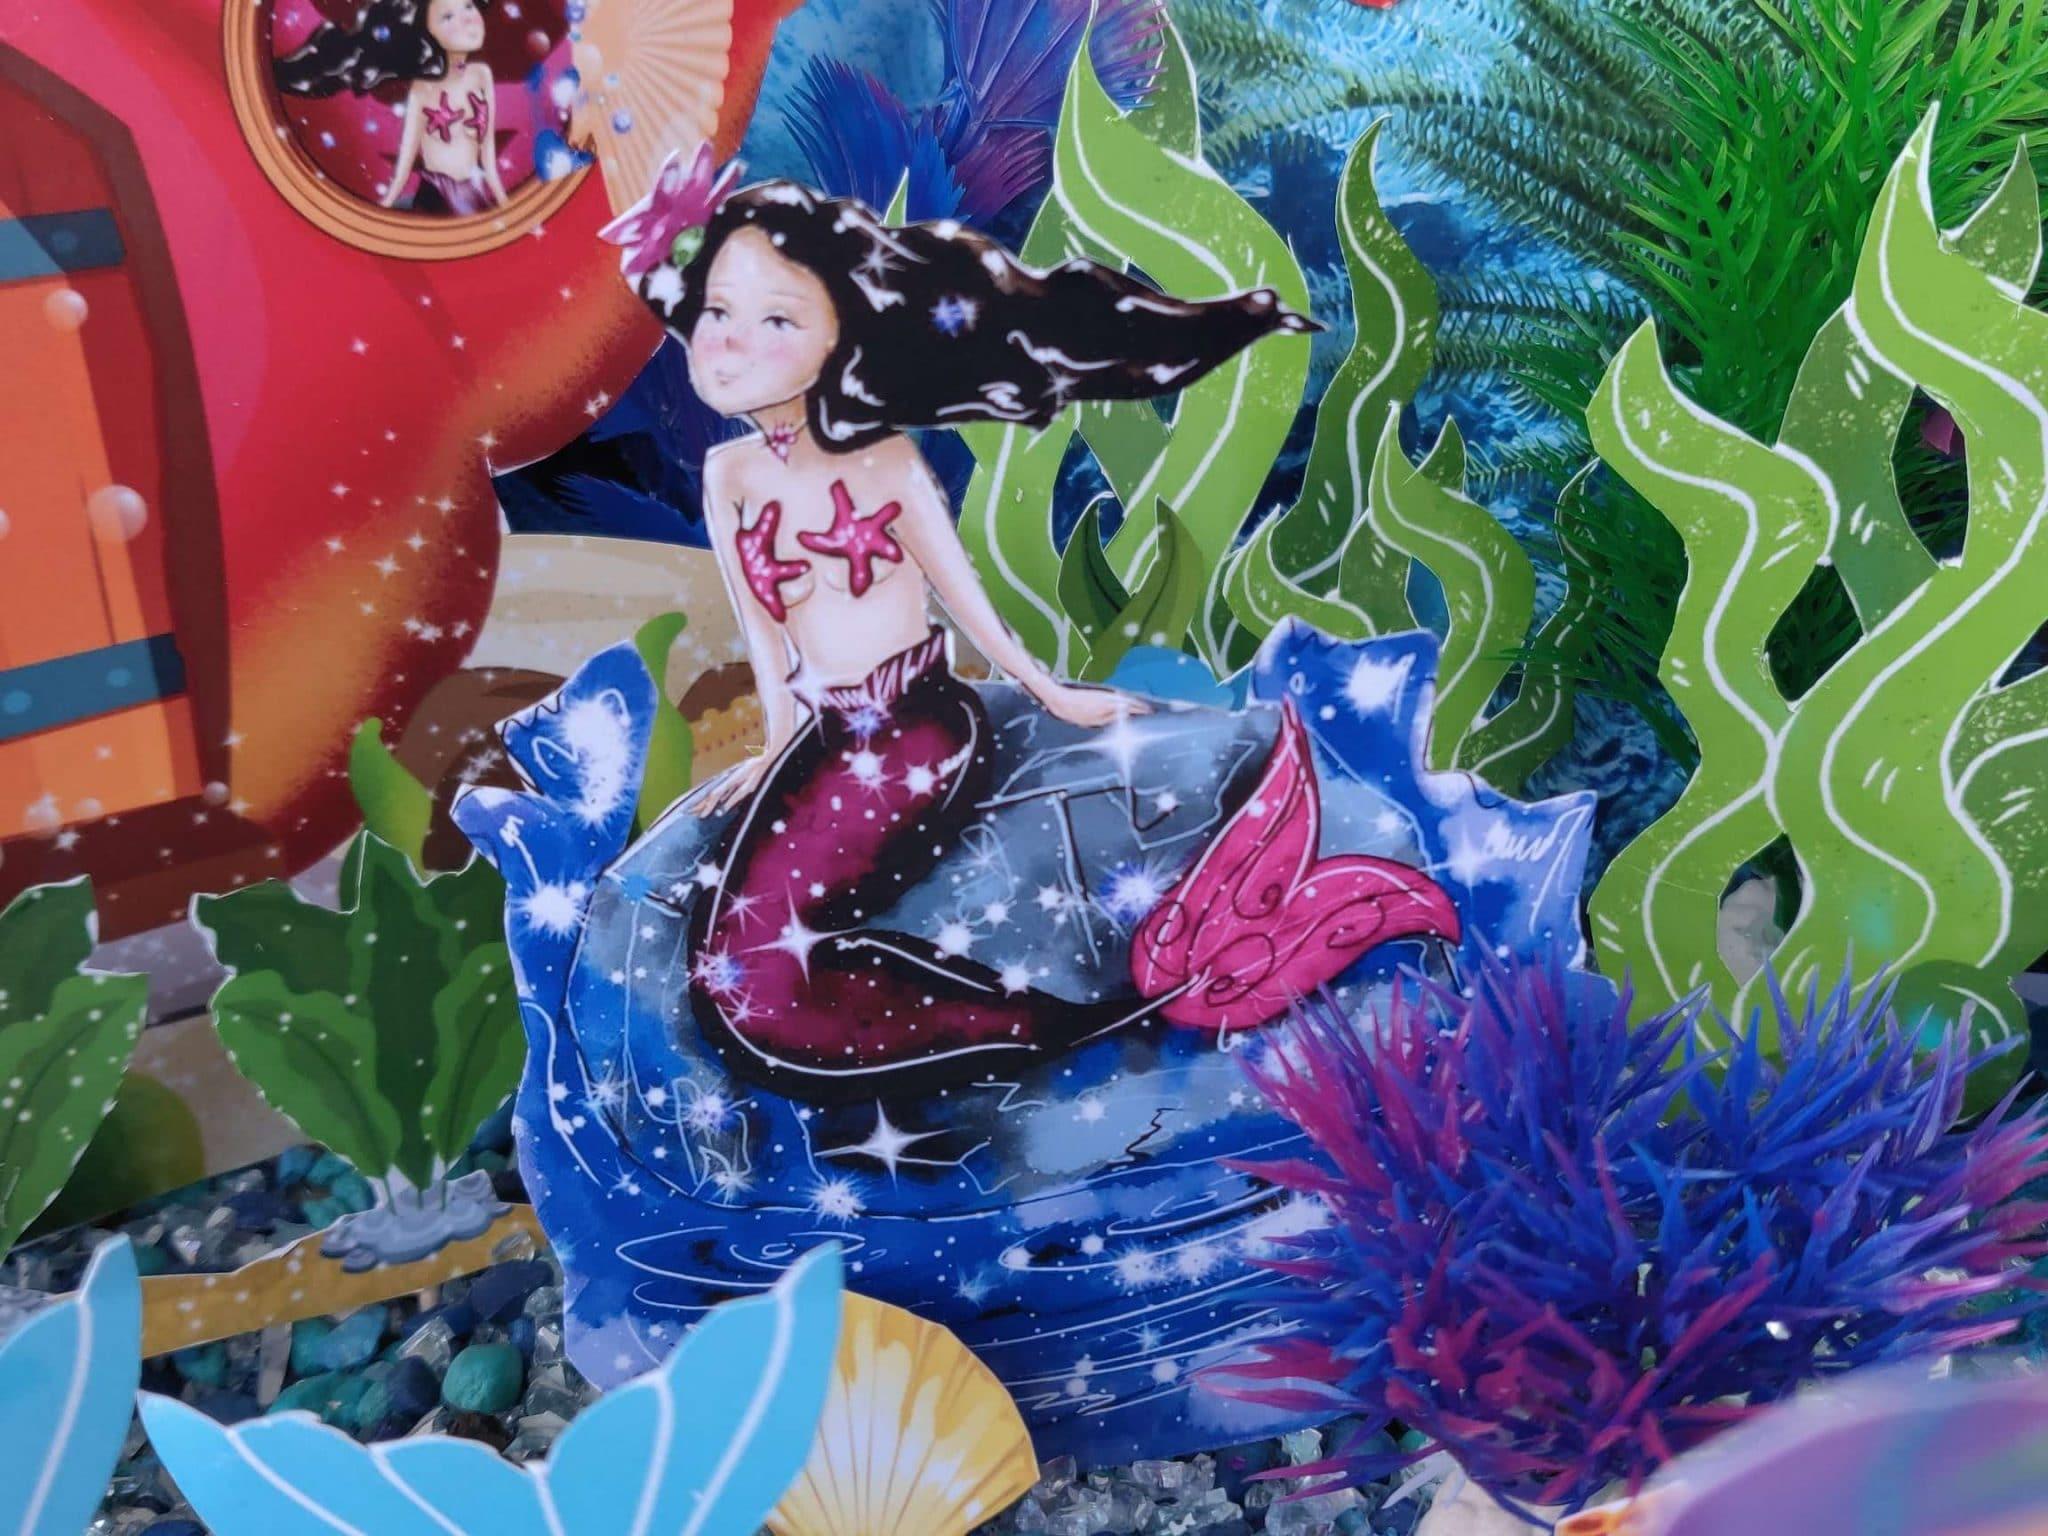 mermaid ifg actual 10